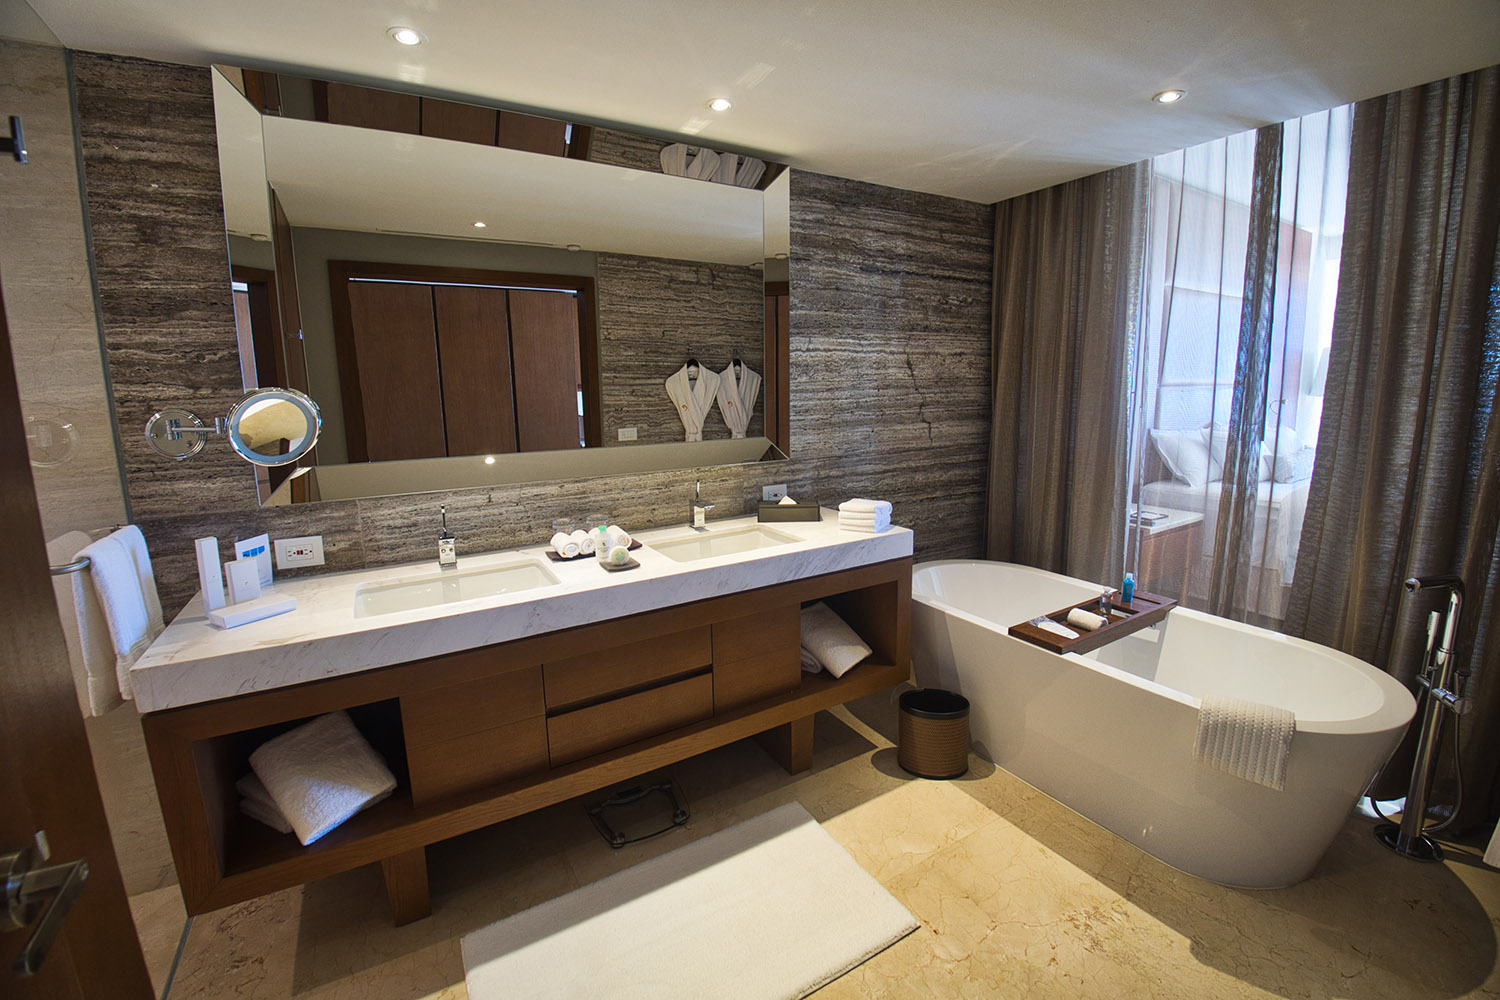 Royal Deluxe Honeymoon suite bathroom resized.jpg